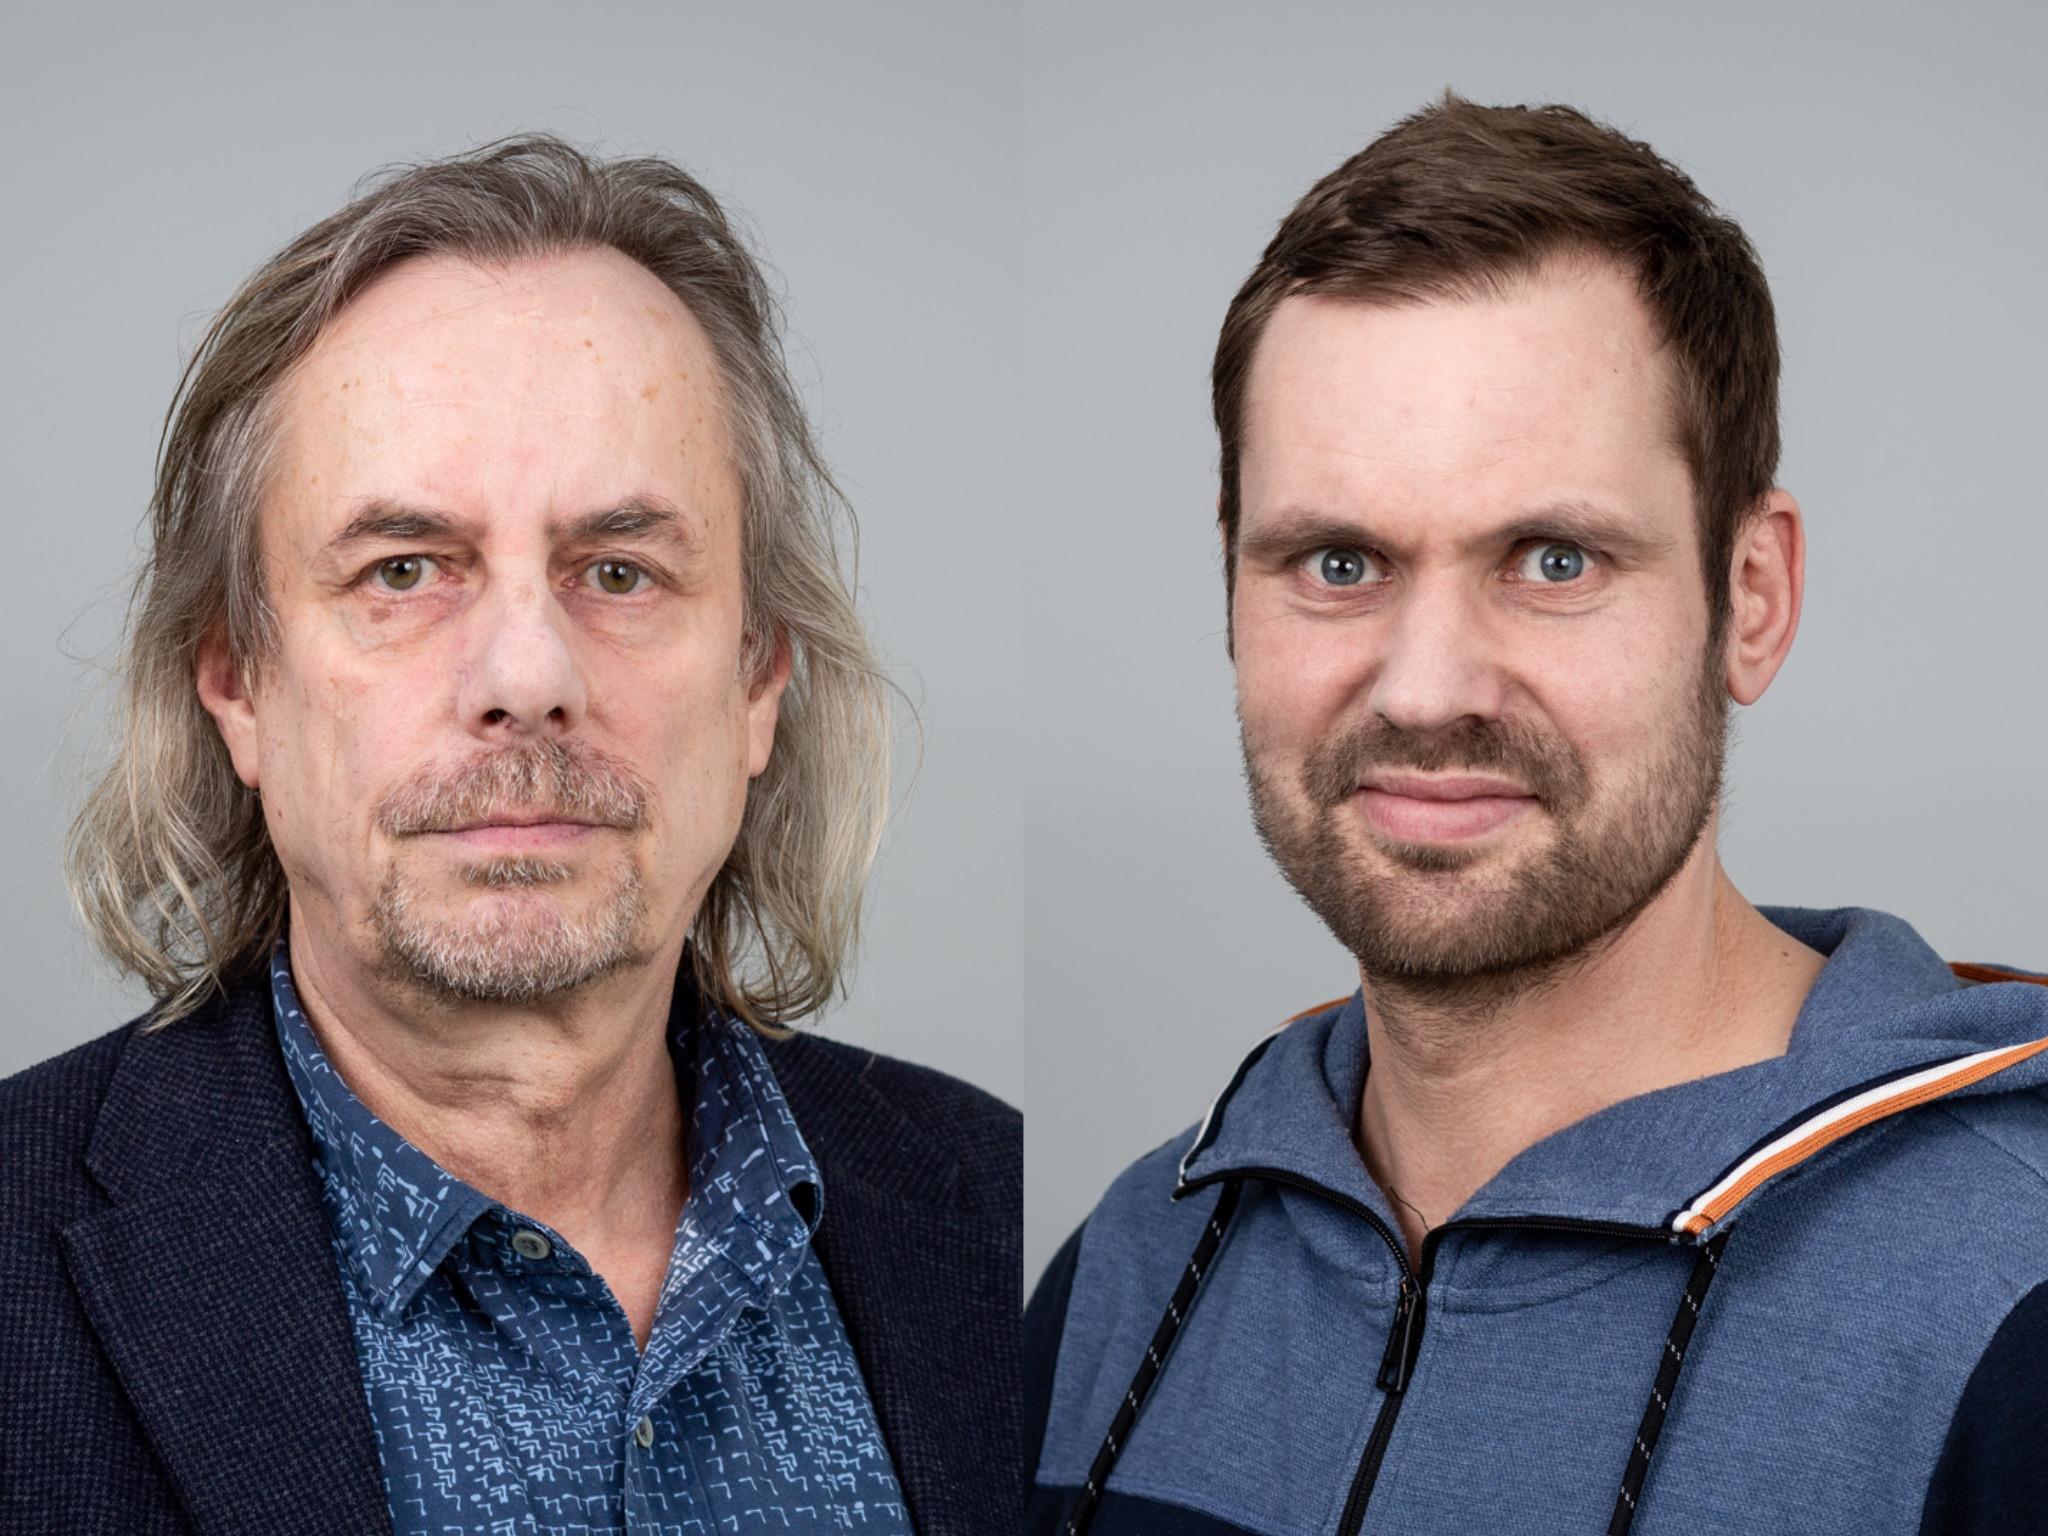 Thomas Heise und Claas Meyer-Heuer geben Einblick in die Strukturen arabisch-stämmiger Clans. Fotos: Julian Busch